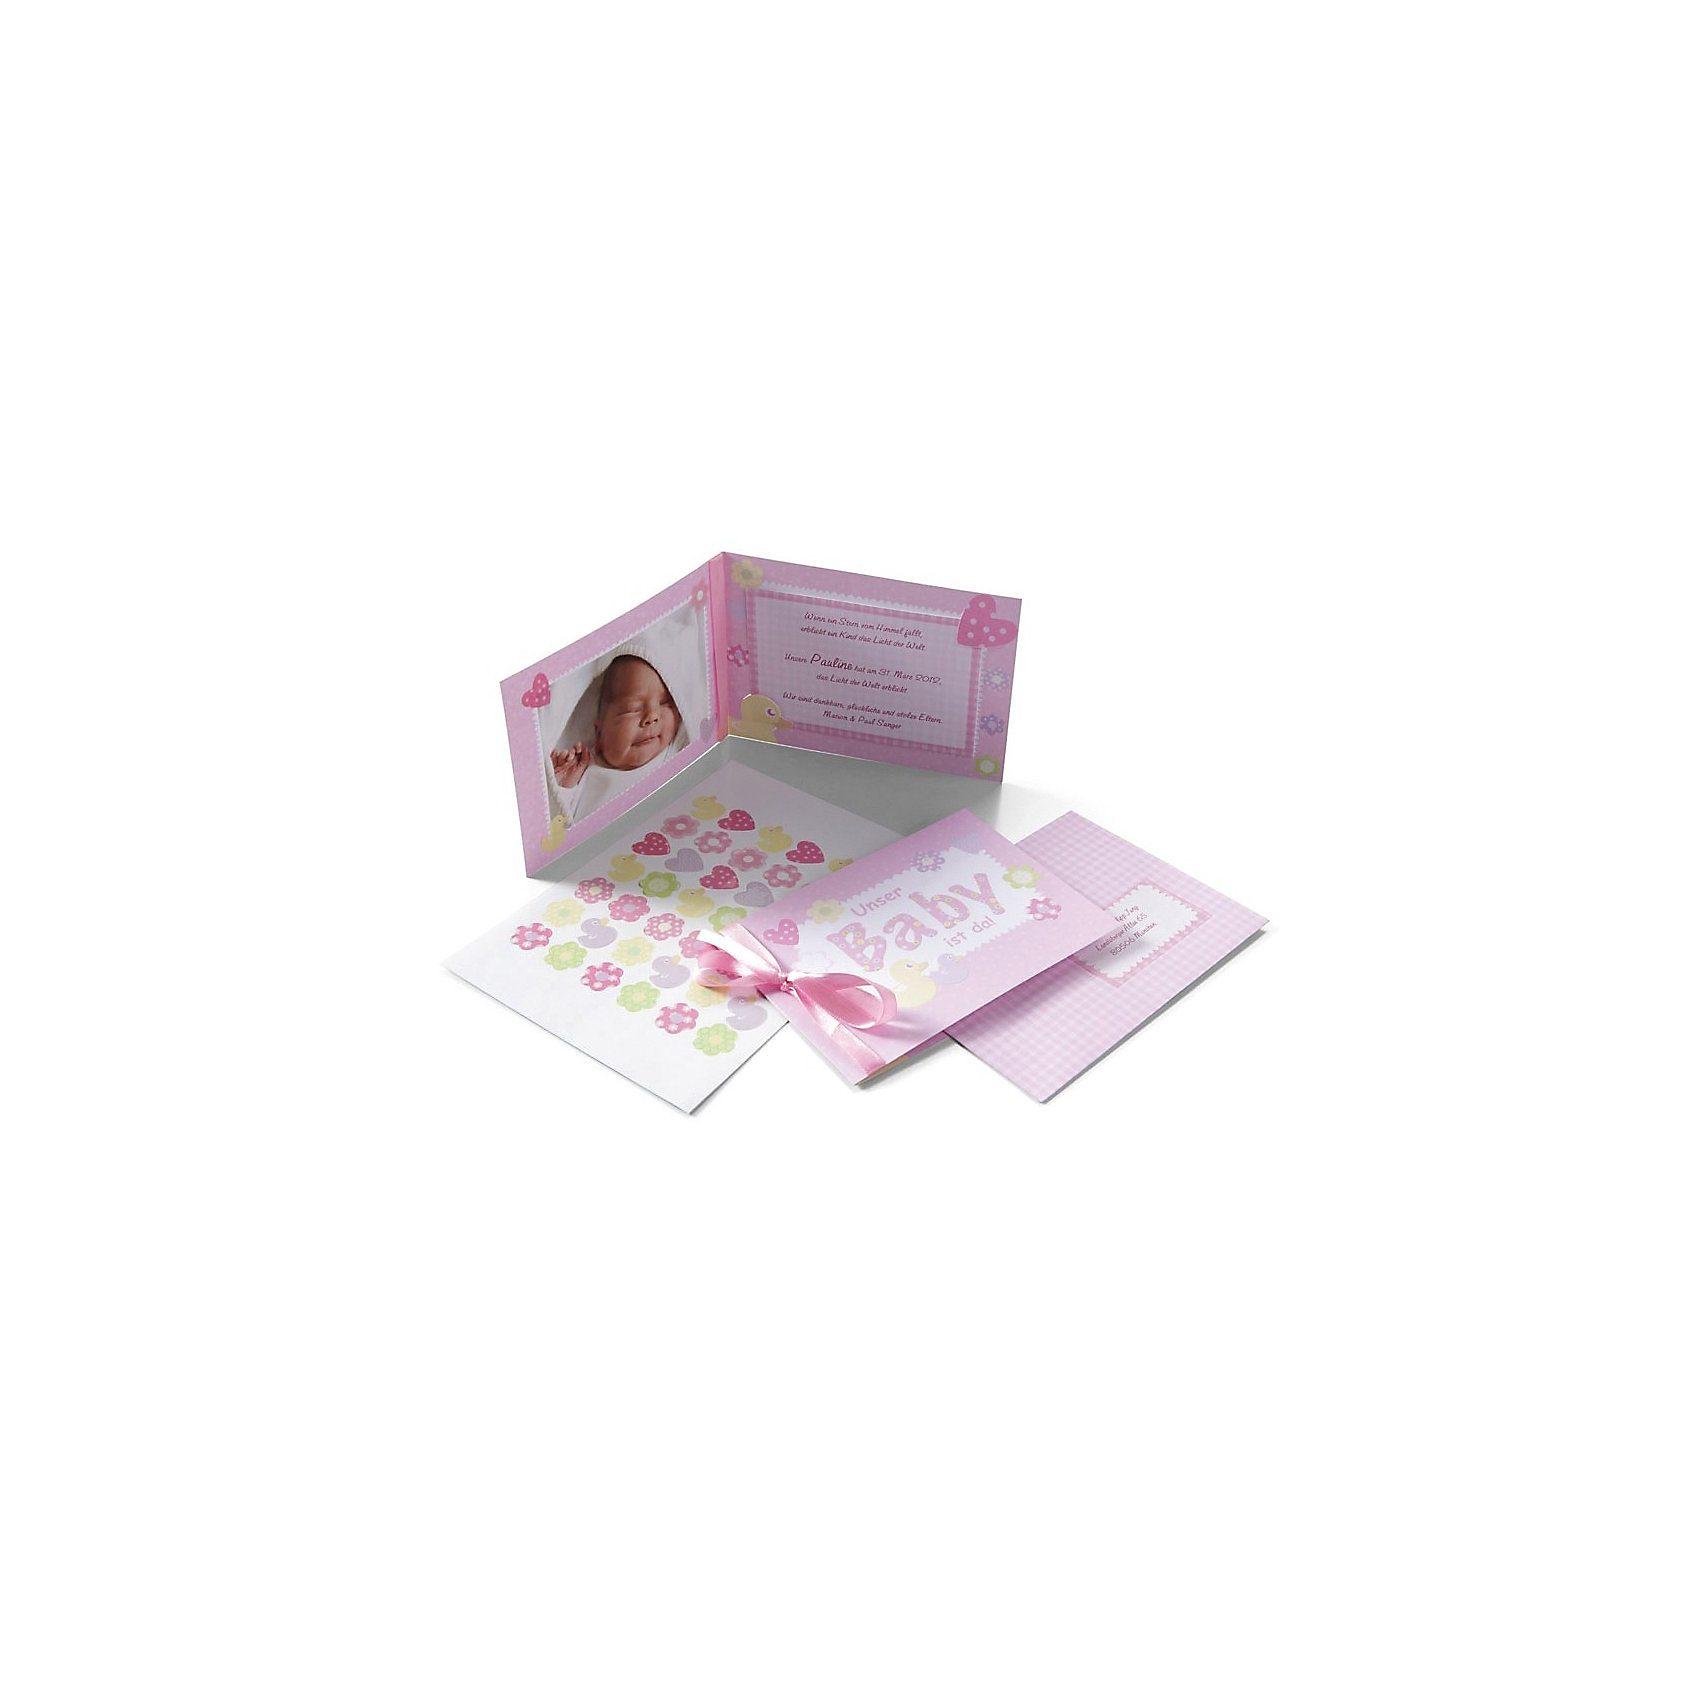 MyPaperSet Gruß- und Dankeskarten zur Geburt: Pinkstar, 155-tlg.